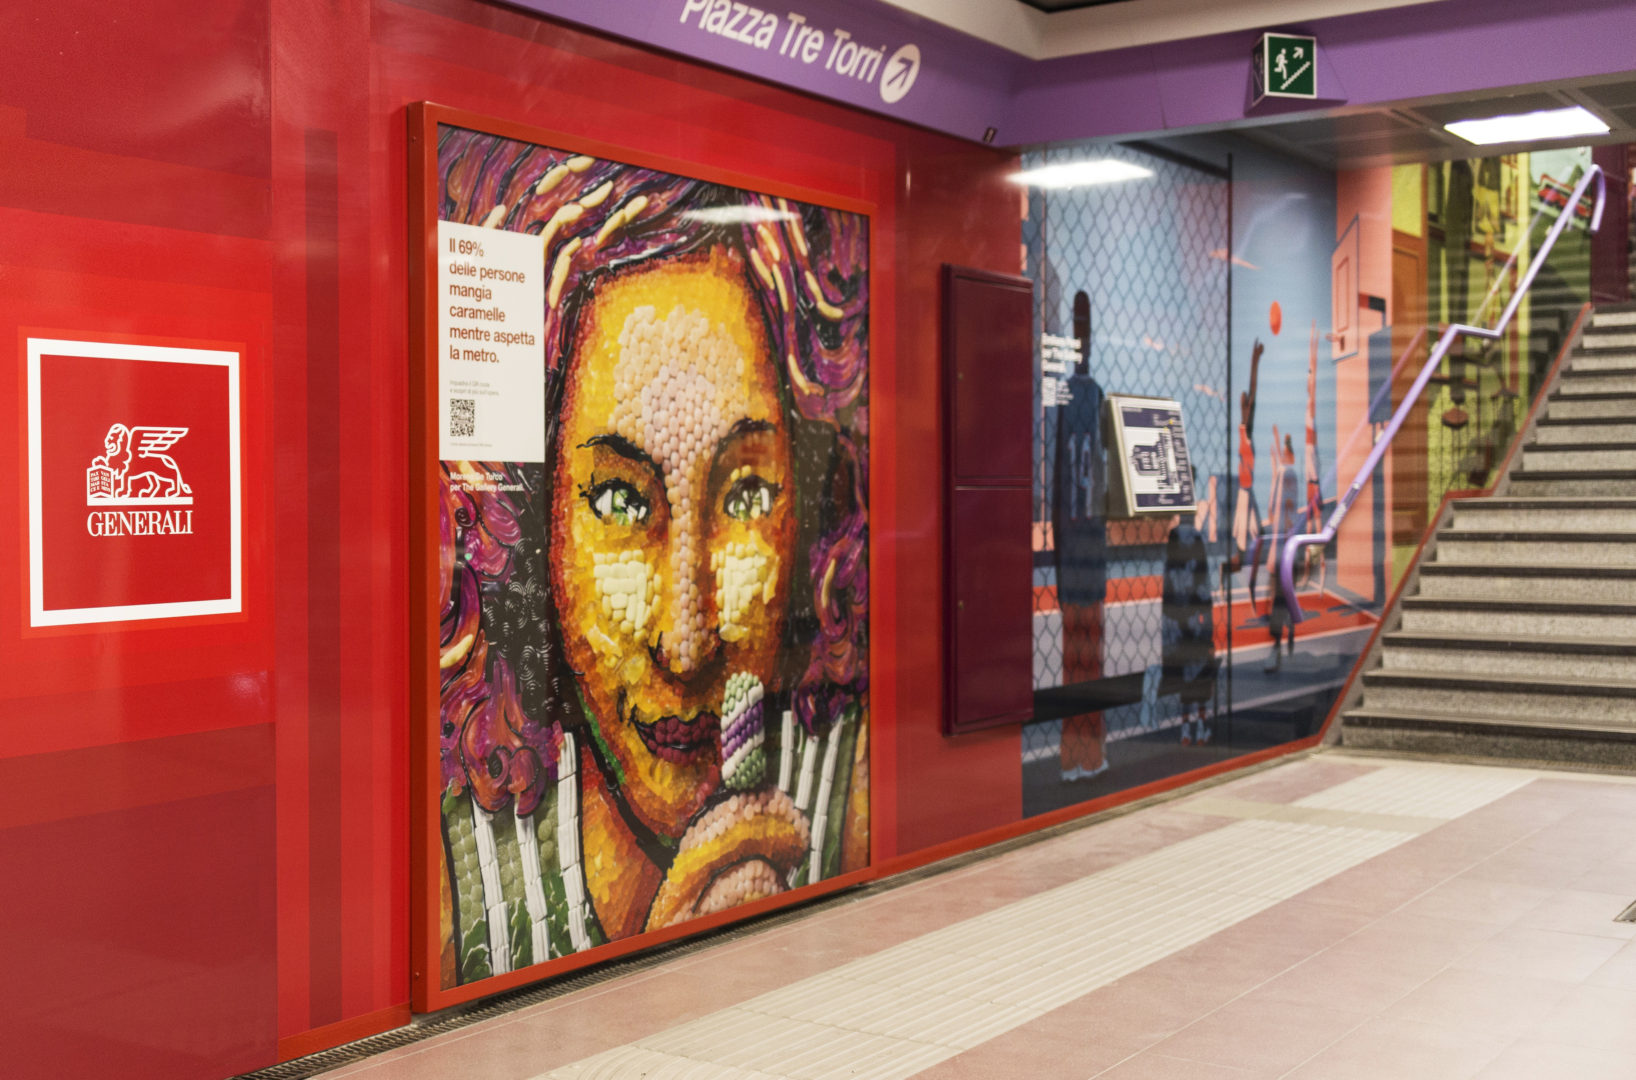 Moreno De Turco - The Gallery